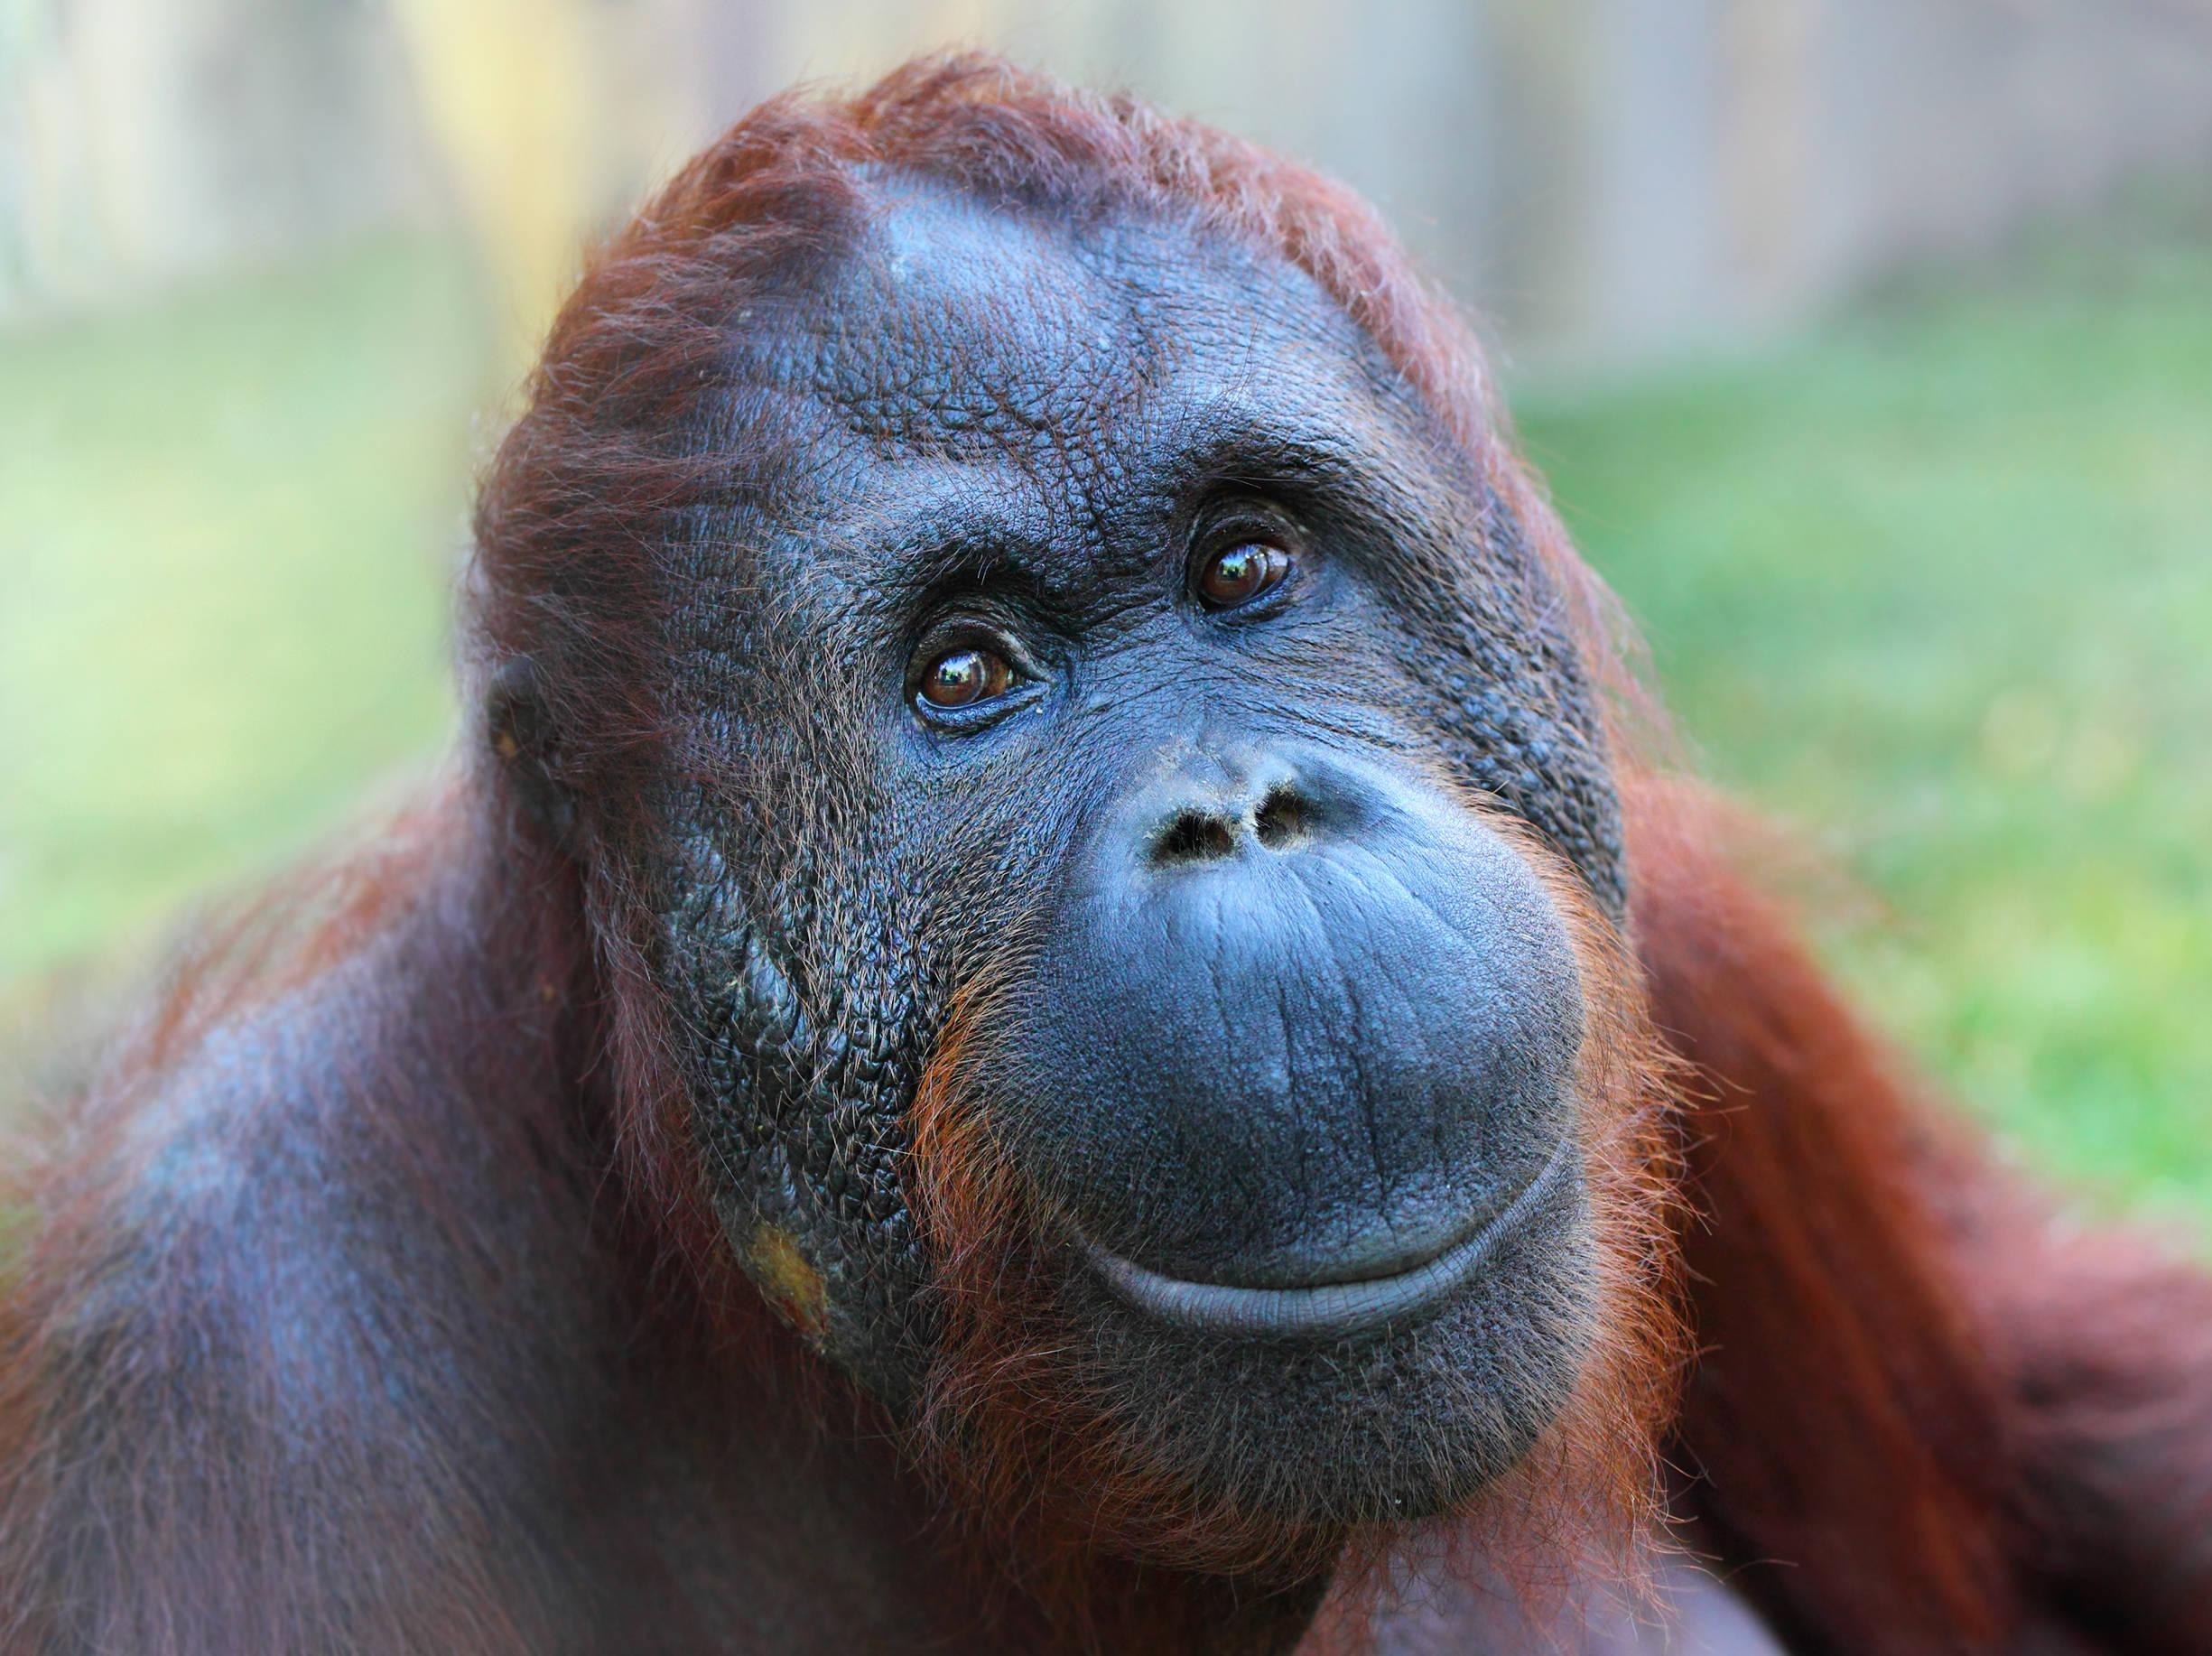 Amamantando A Un Hombre Porno video de orangután acompañando a mujer mientras amamanta